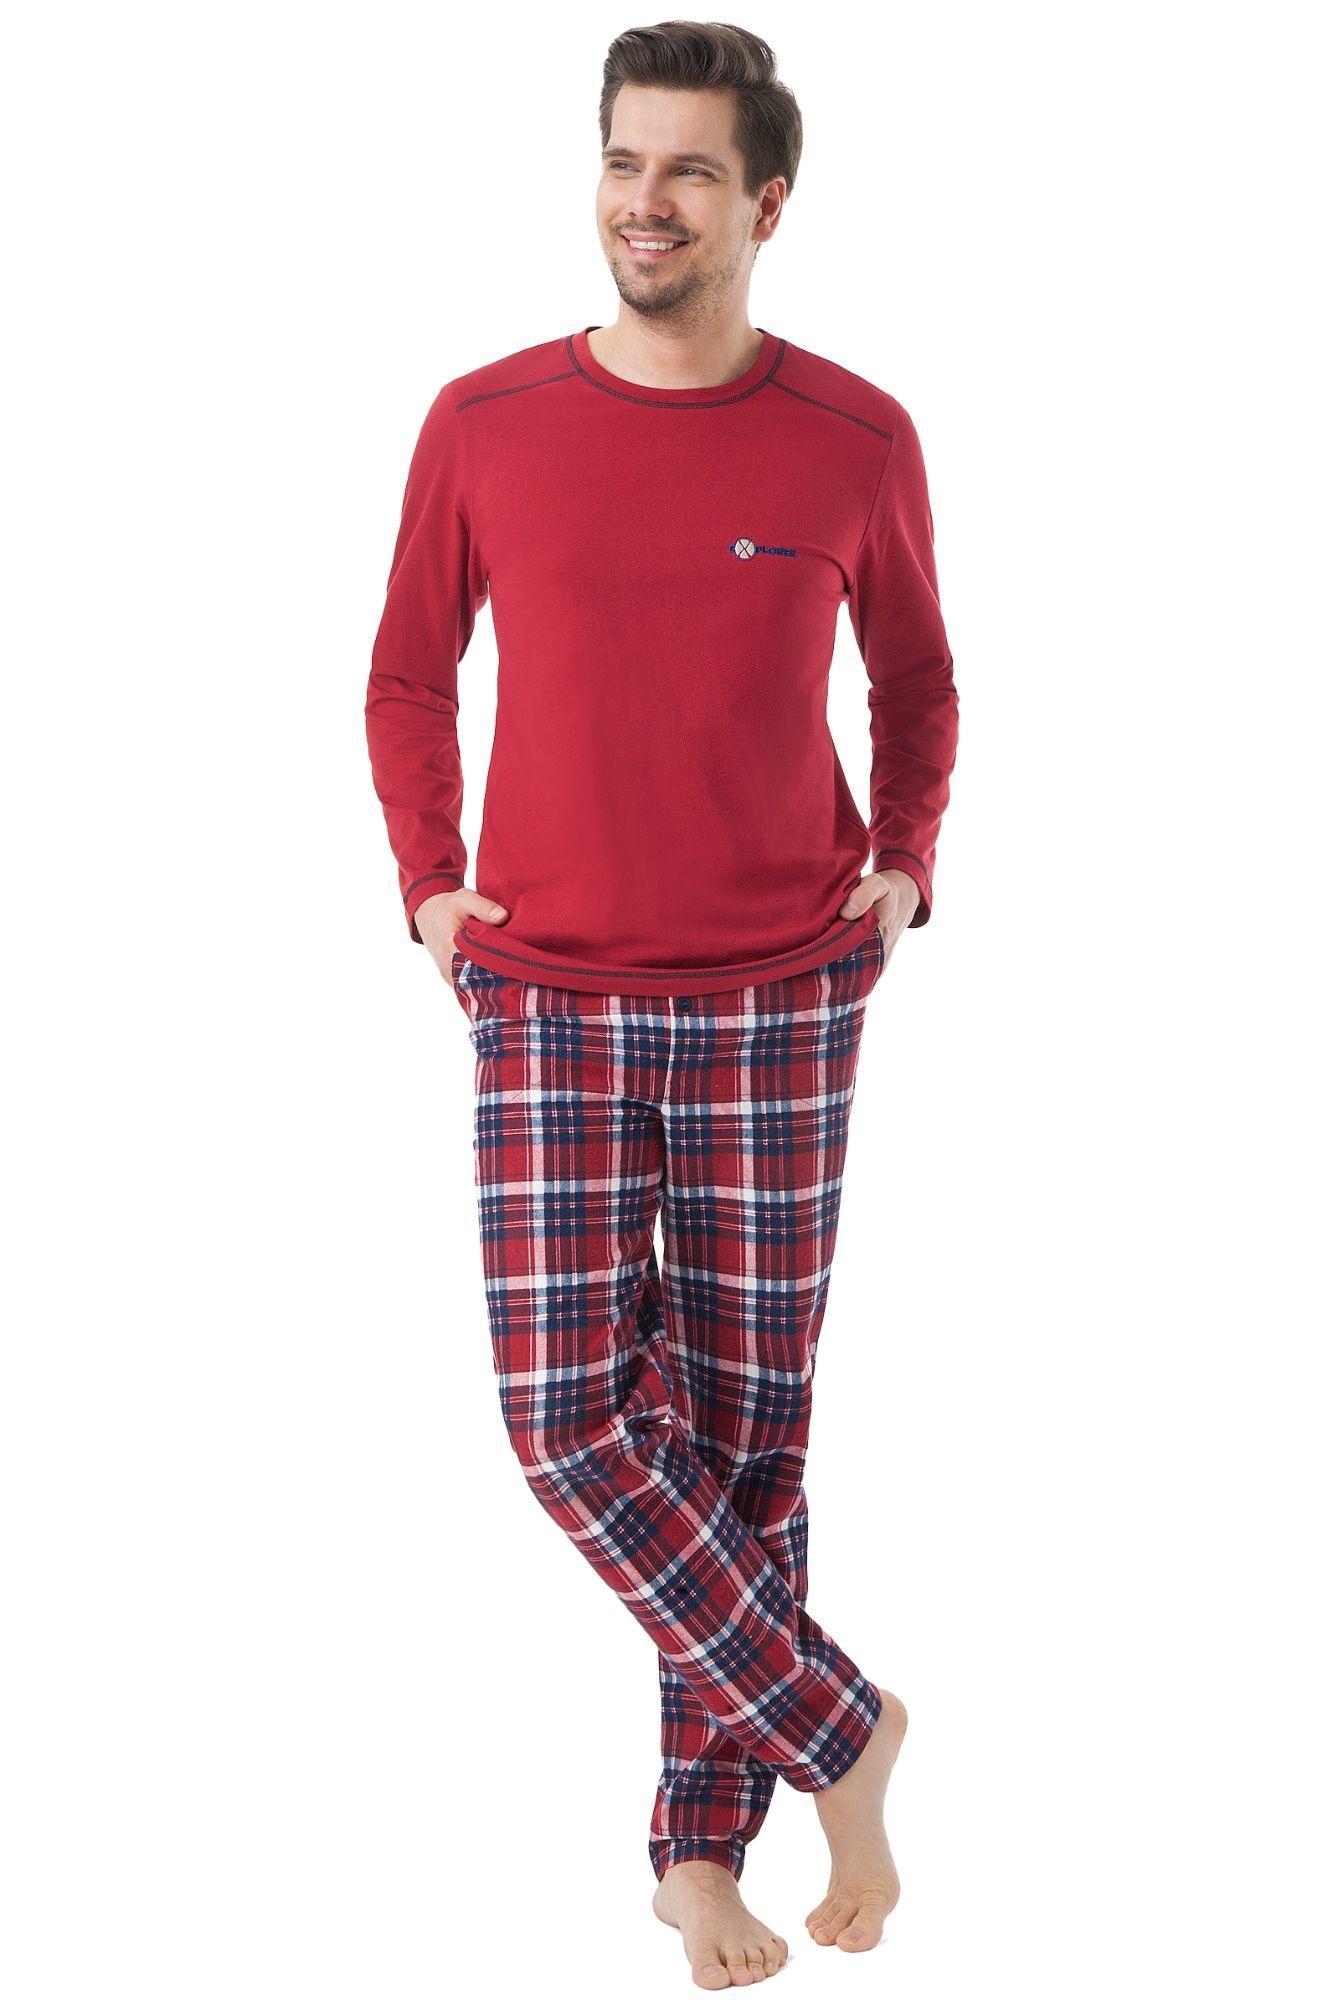 aaf6d399086f Pánske pyžamo Steve flanelové nohavice - ELEGANT.sk